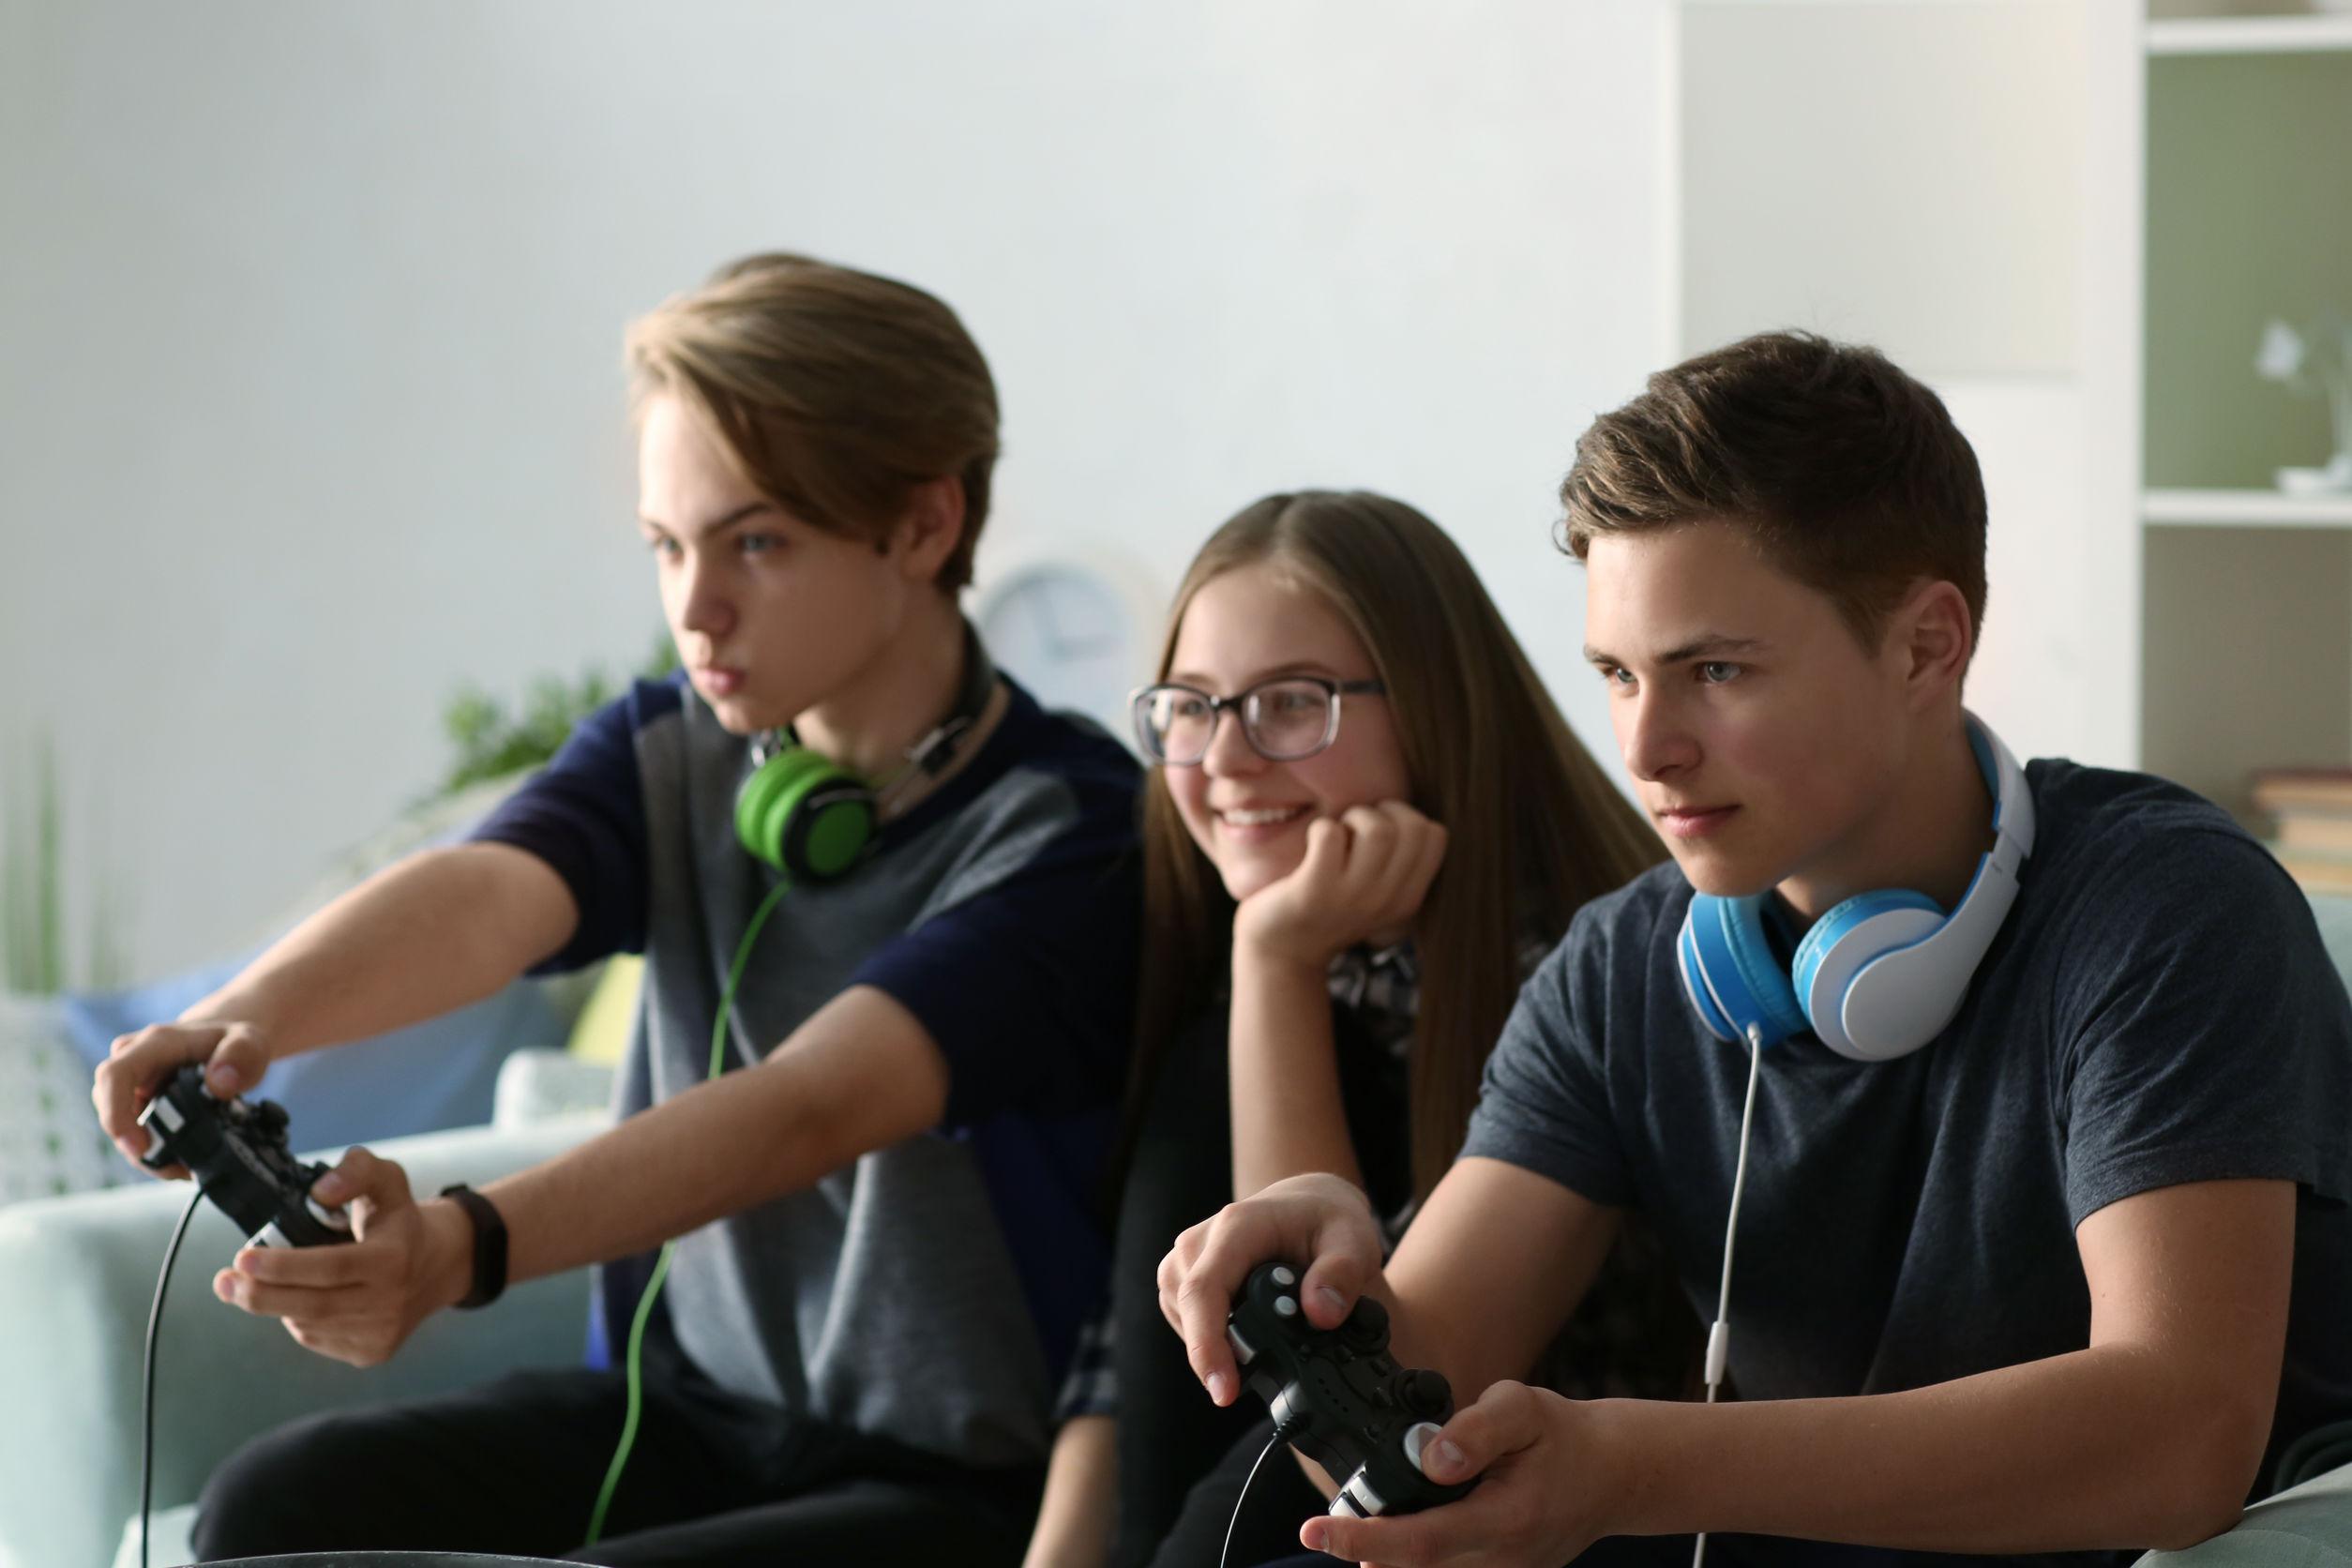 adolescentes jugando consola